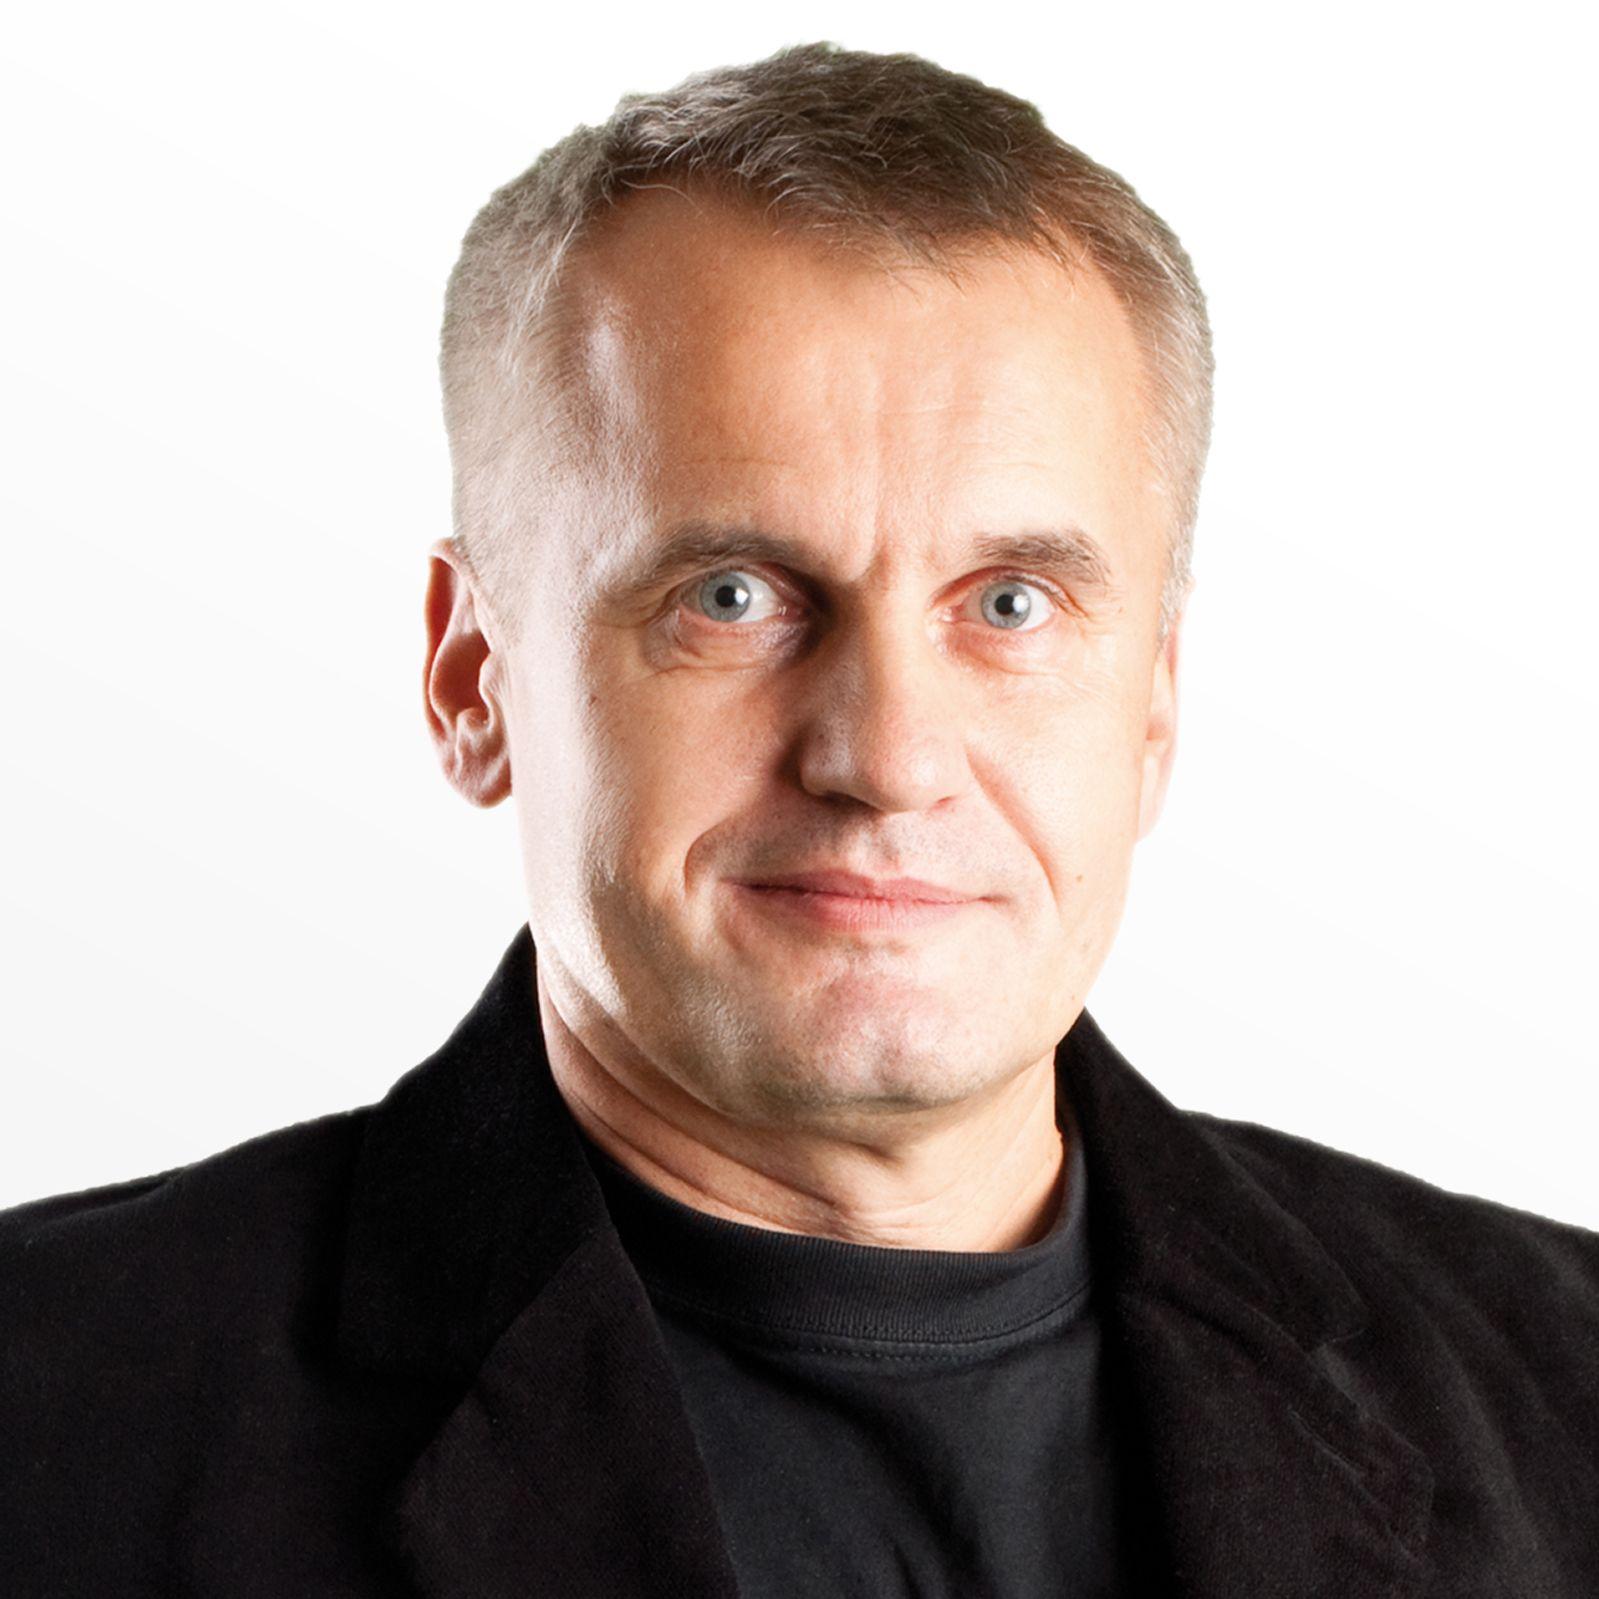 Koronawirus. Błędy poznawcze, teorie spiskowe i manipulatorzy - prof. Dariusz Doliński, Zofia Szynal